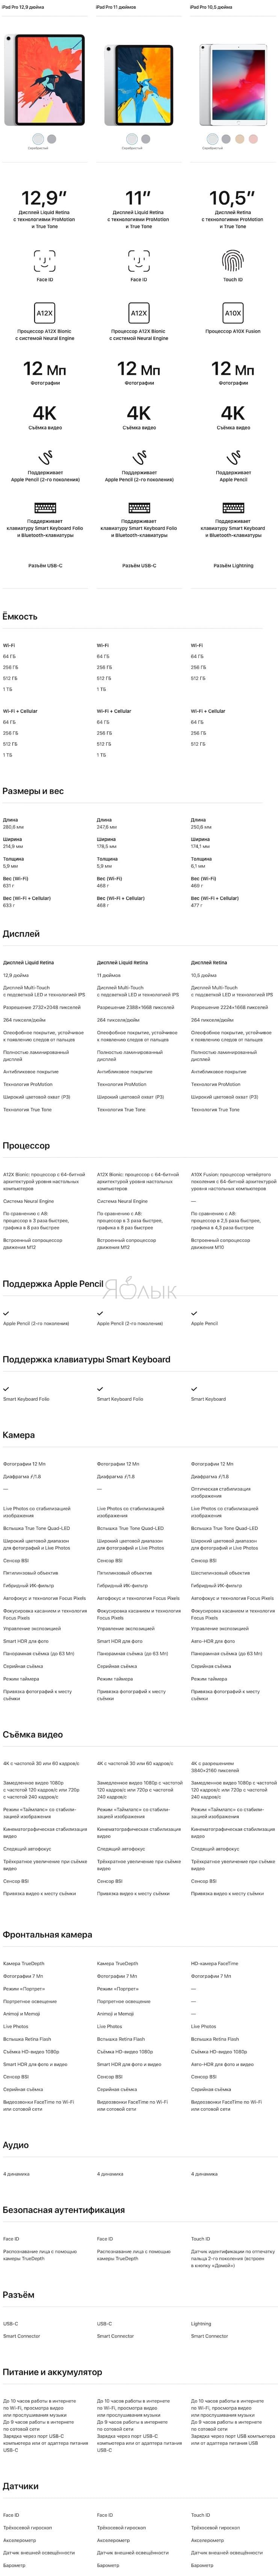 Подробное сравнение12,9-дюймового, 11-дюймового и 10,5-дюймового iPad Pro